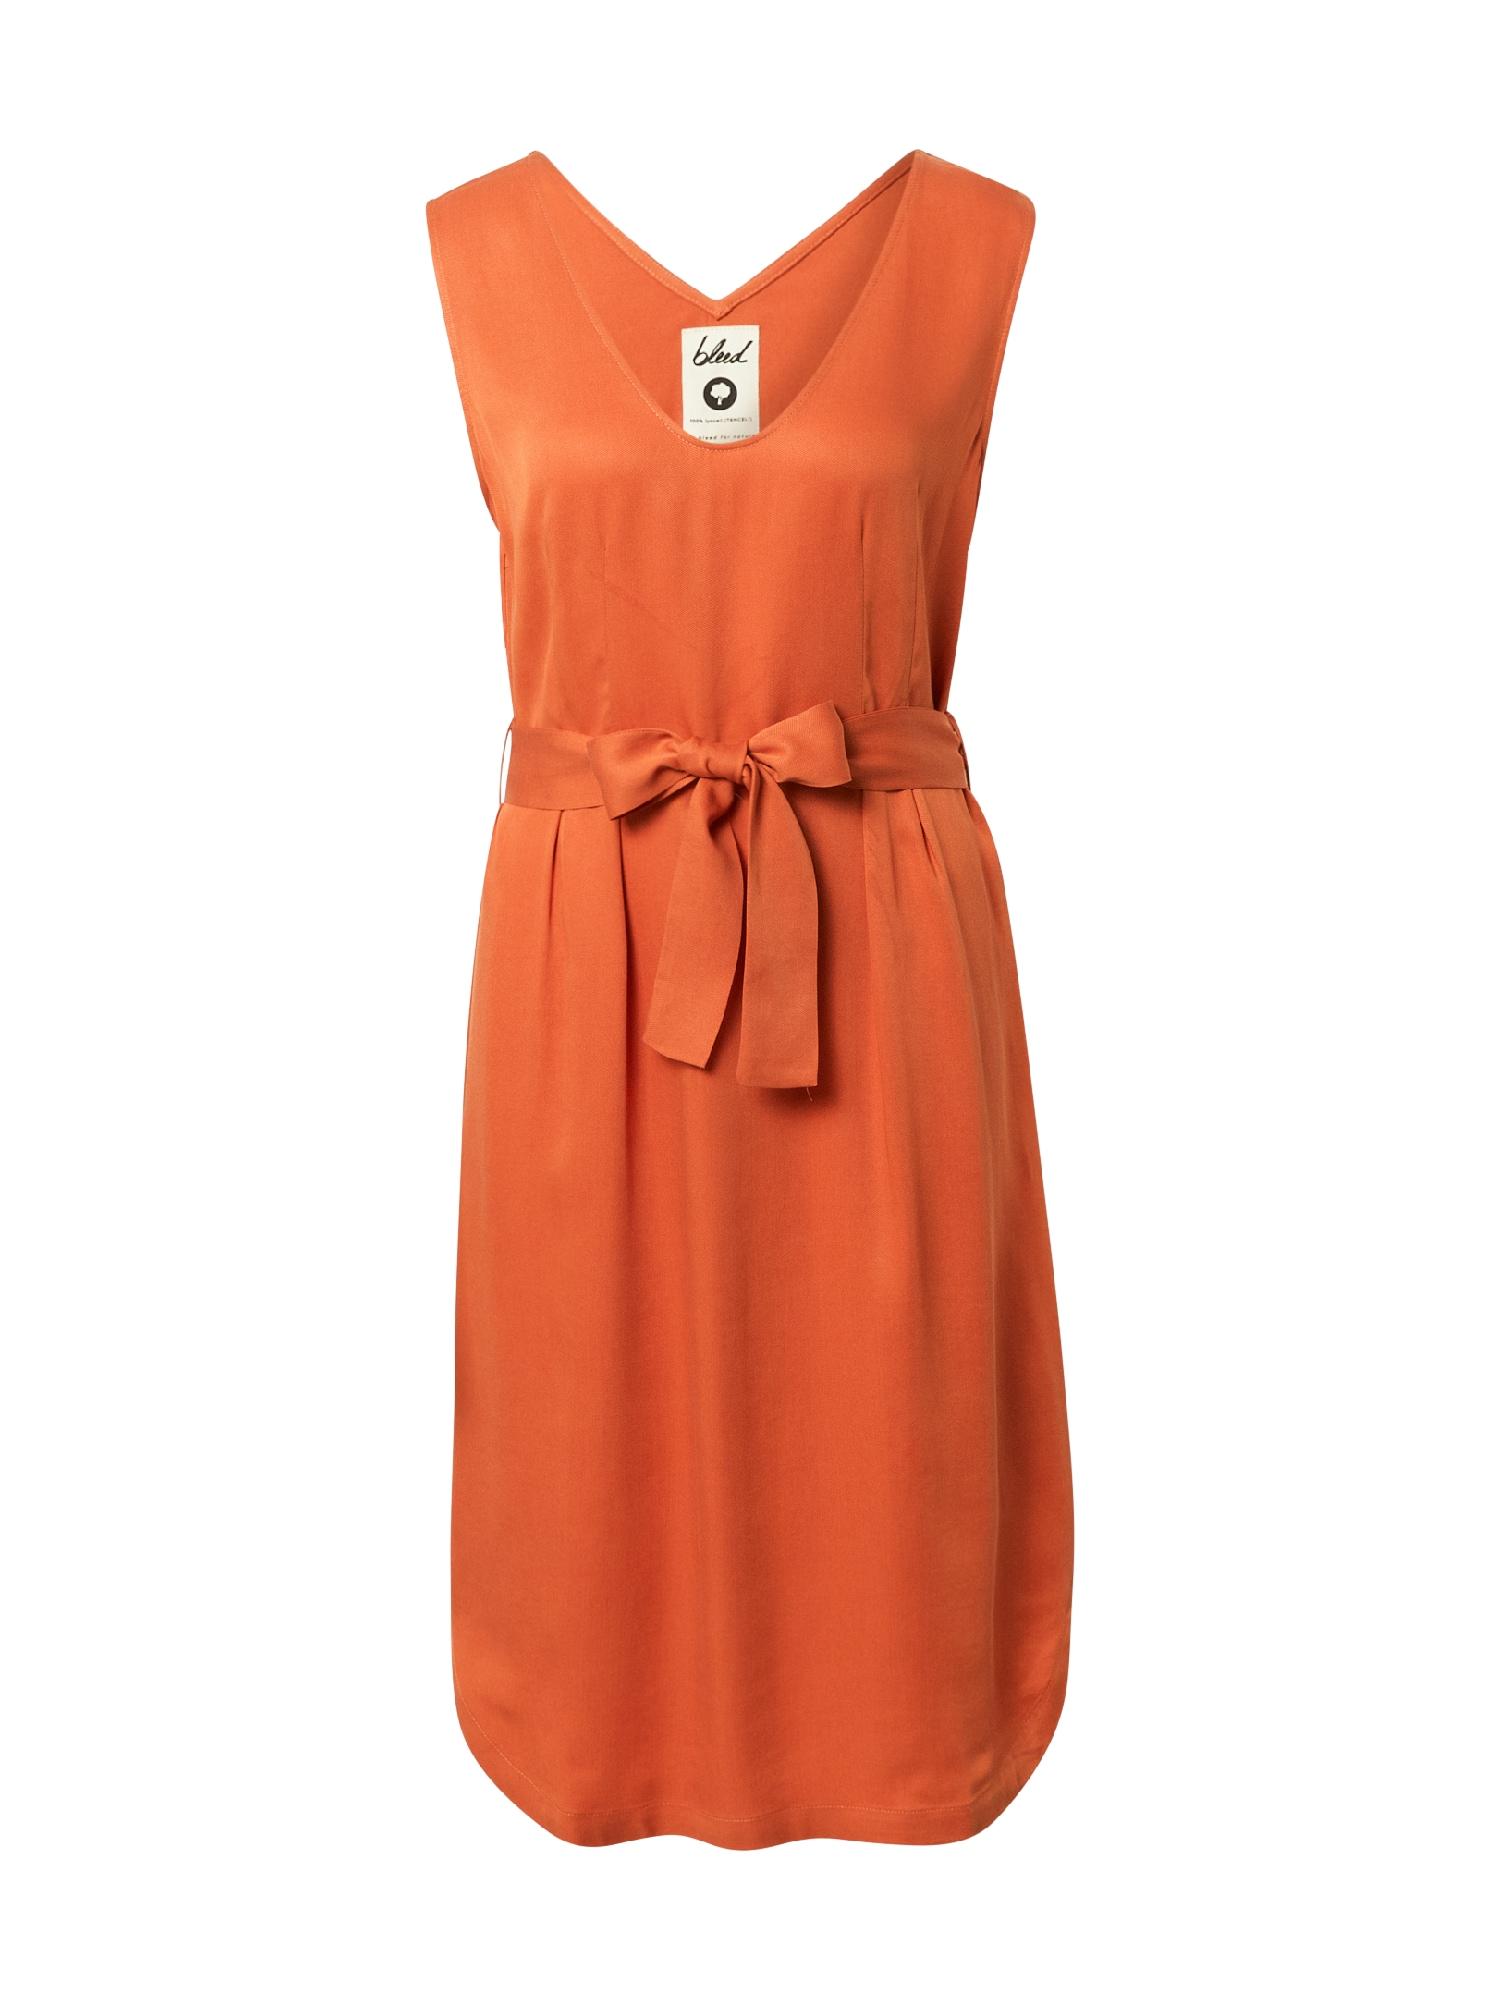 bleed clothing Suknelė oranžinė